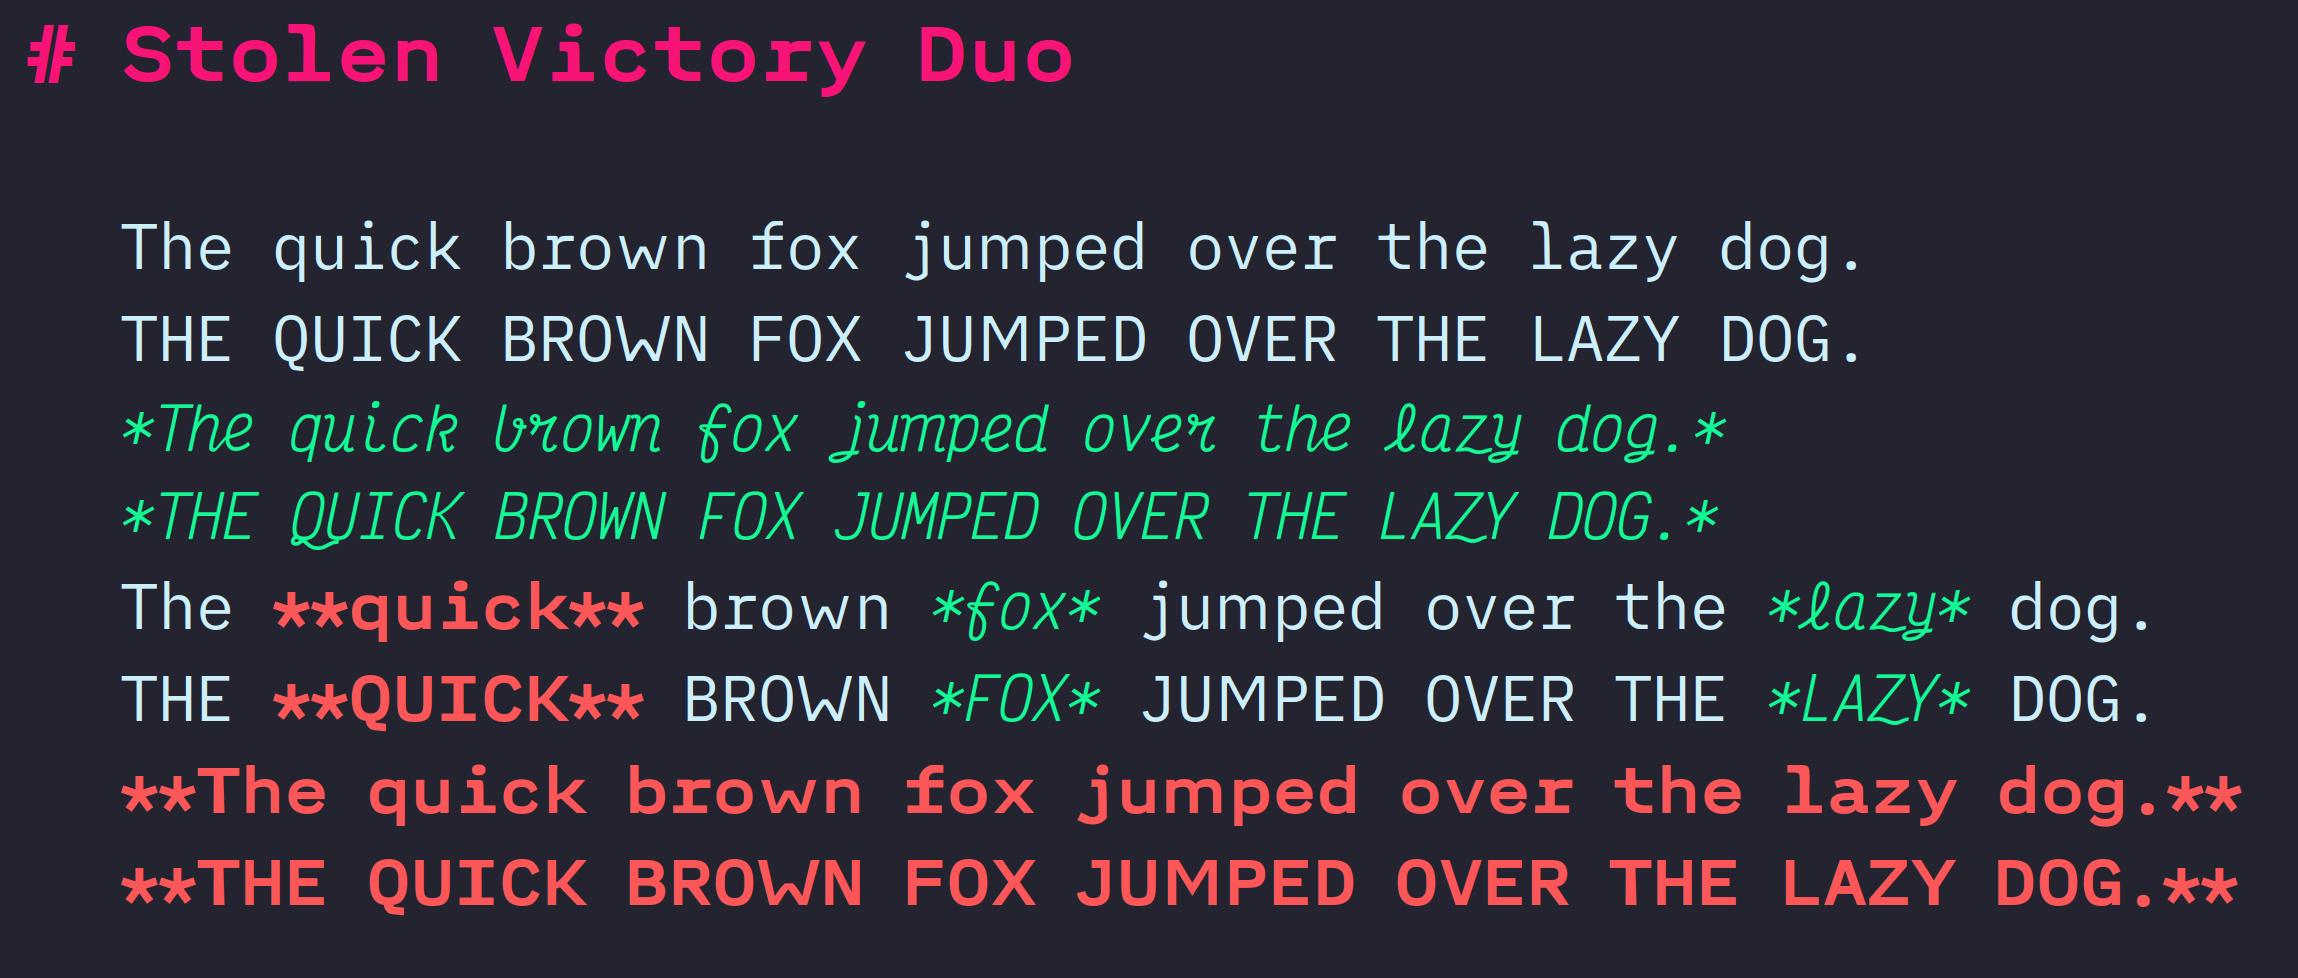 Stolen Victory Duo